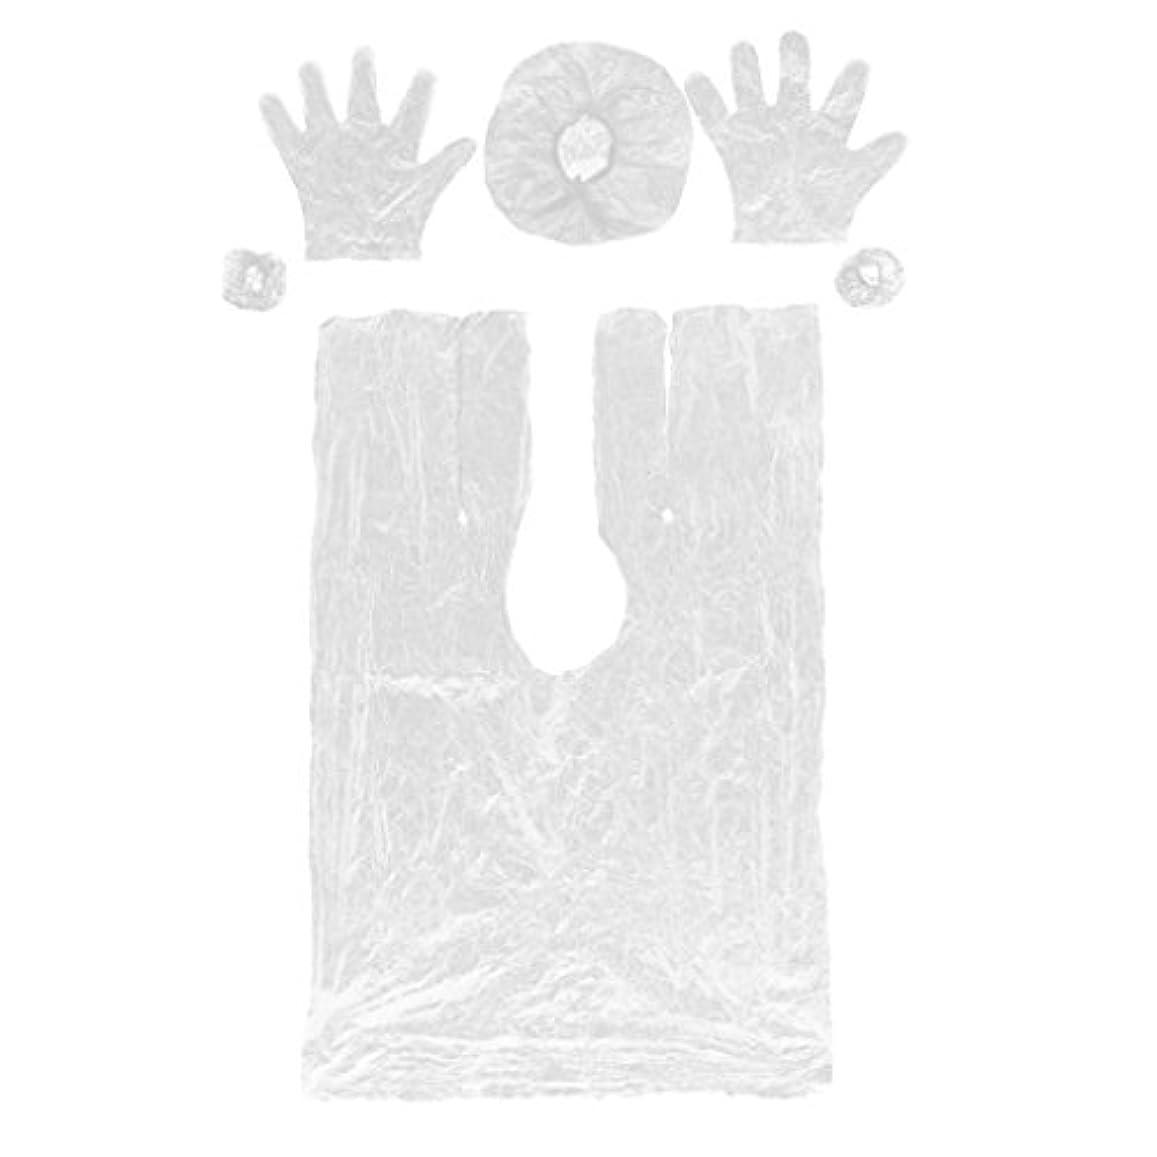 電話アーティスト原稿DYNWAVE ヘアーヘッド 弾性キャップ サロン使い捨てセット